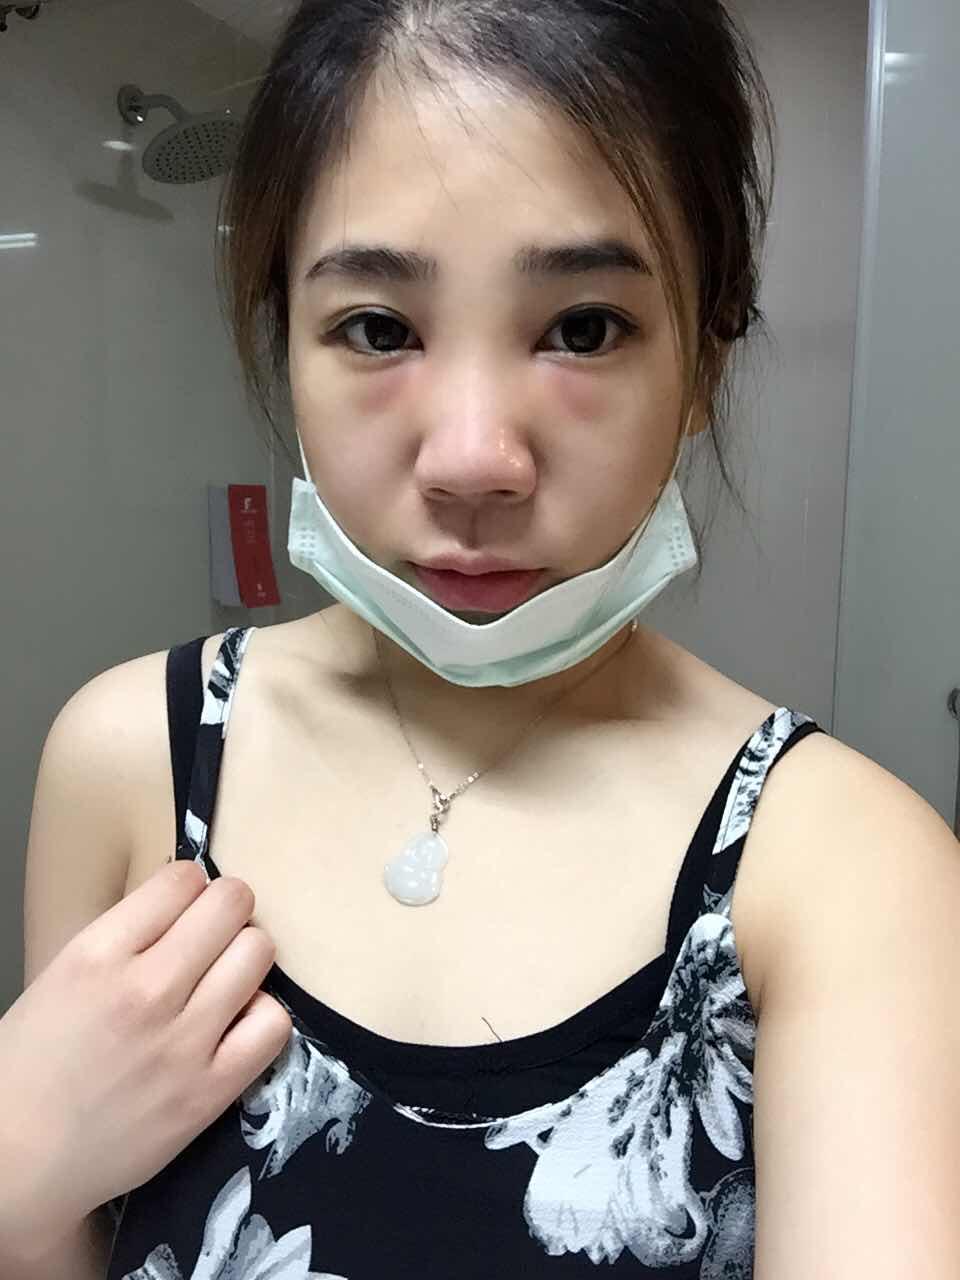 假体隆鼻后如何快速消肿?假体隆鼻第二天。。。。好肿的脸颊!哈哈,看起来是不是很心塞